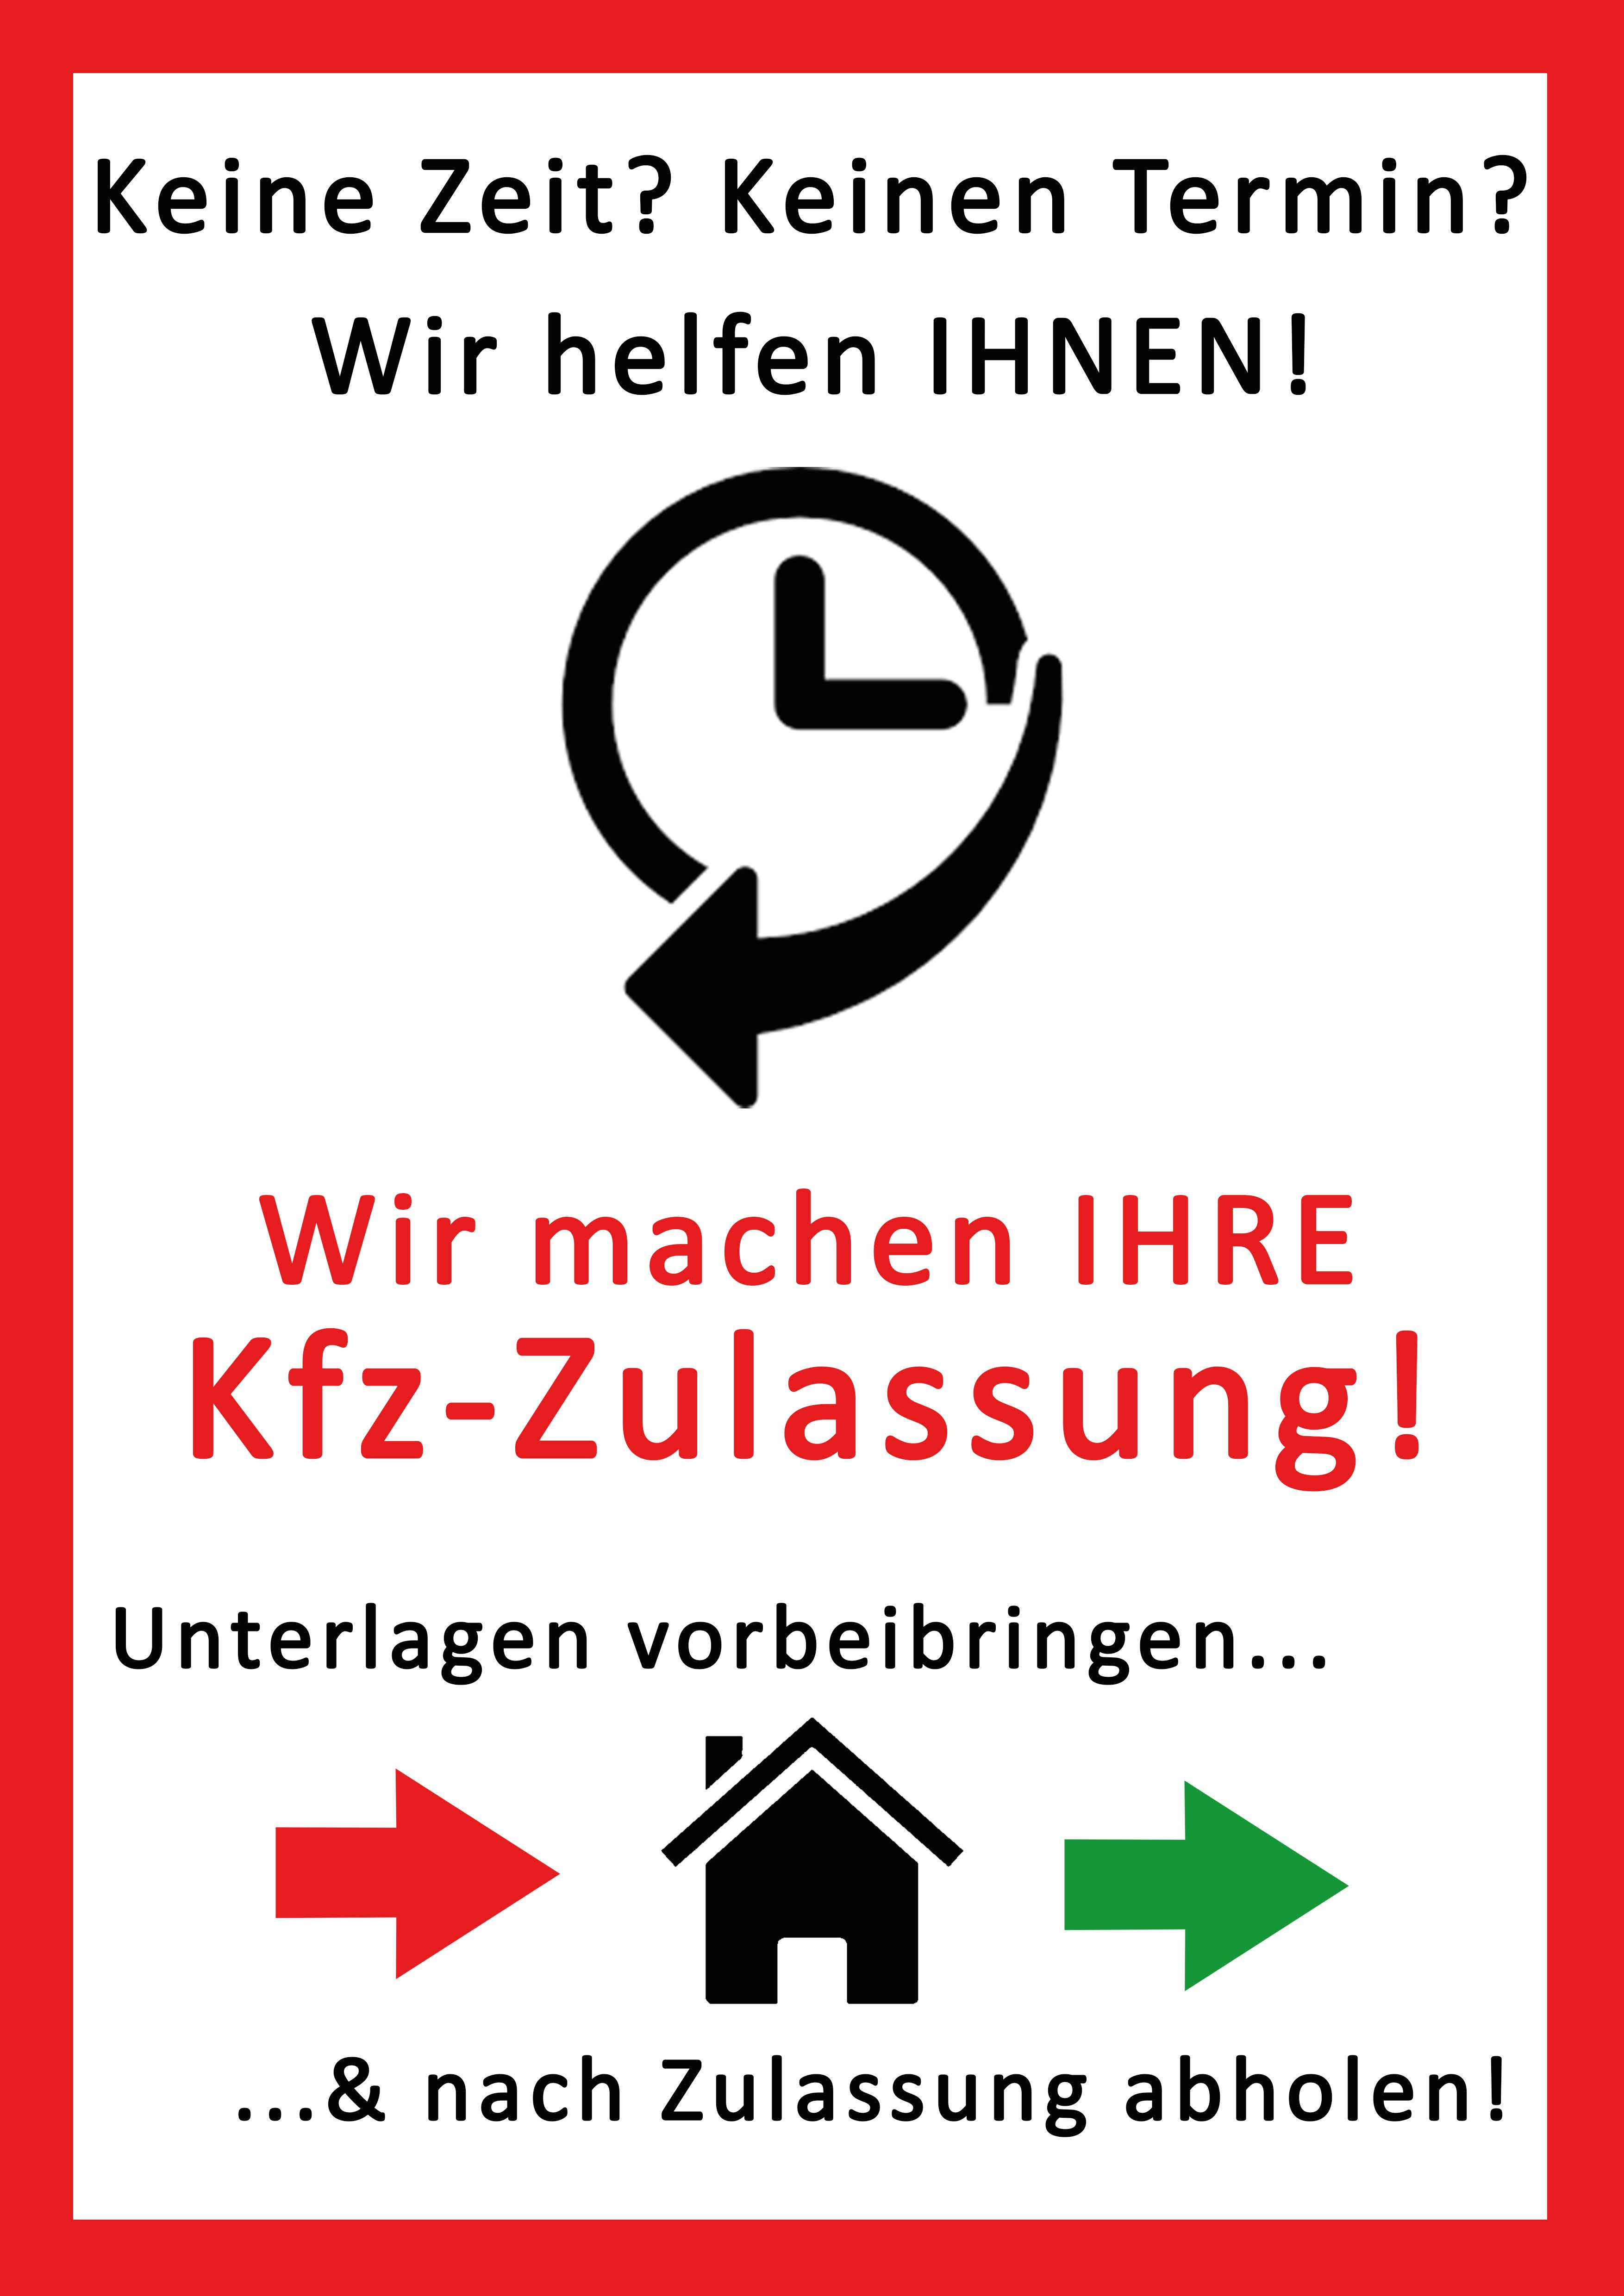 Autoschilder & Zulassungen Bavaria Lohr am Main